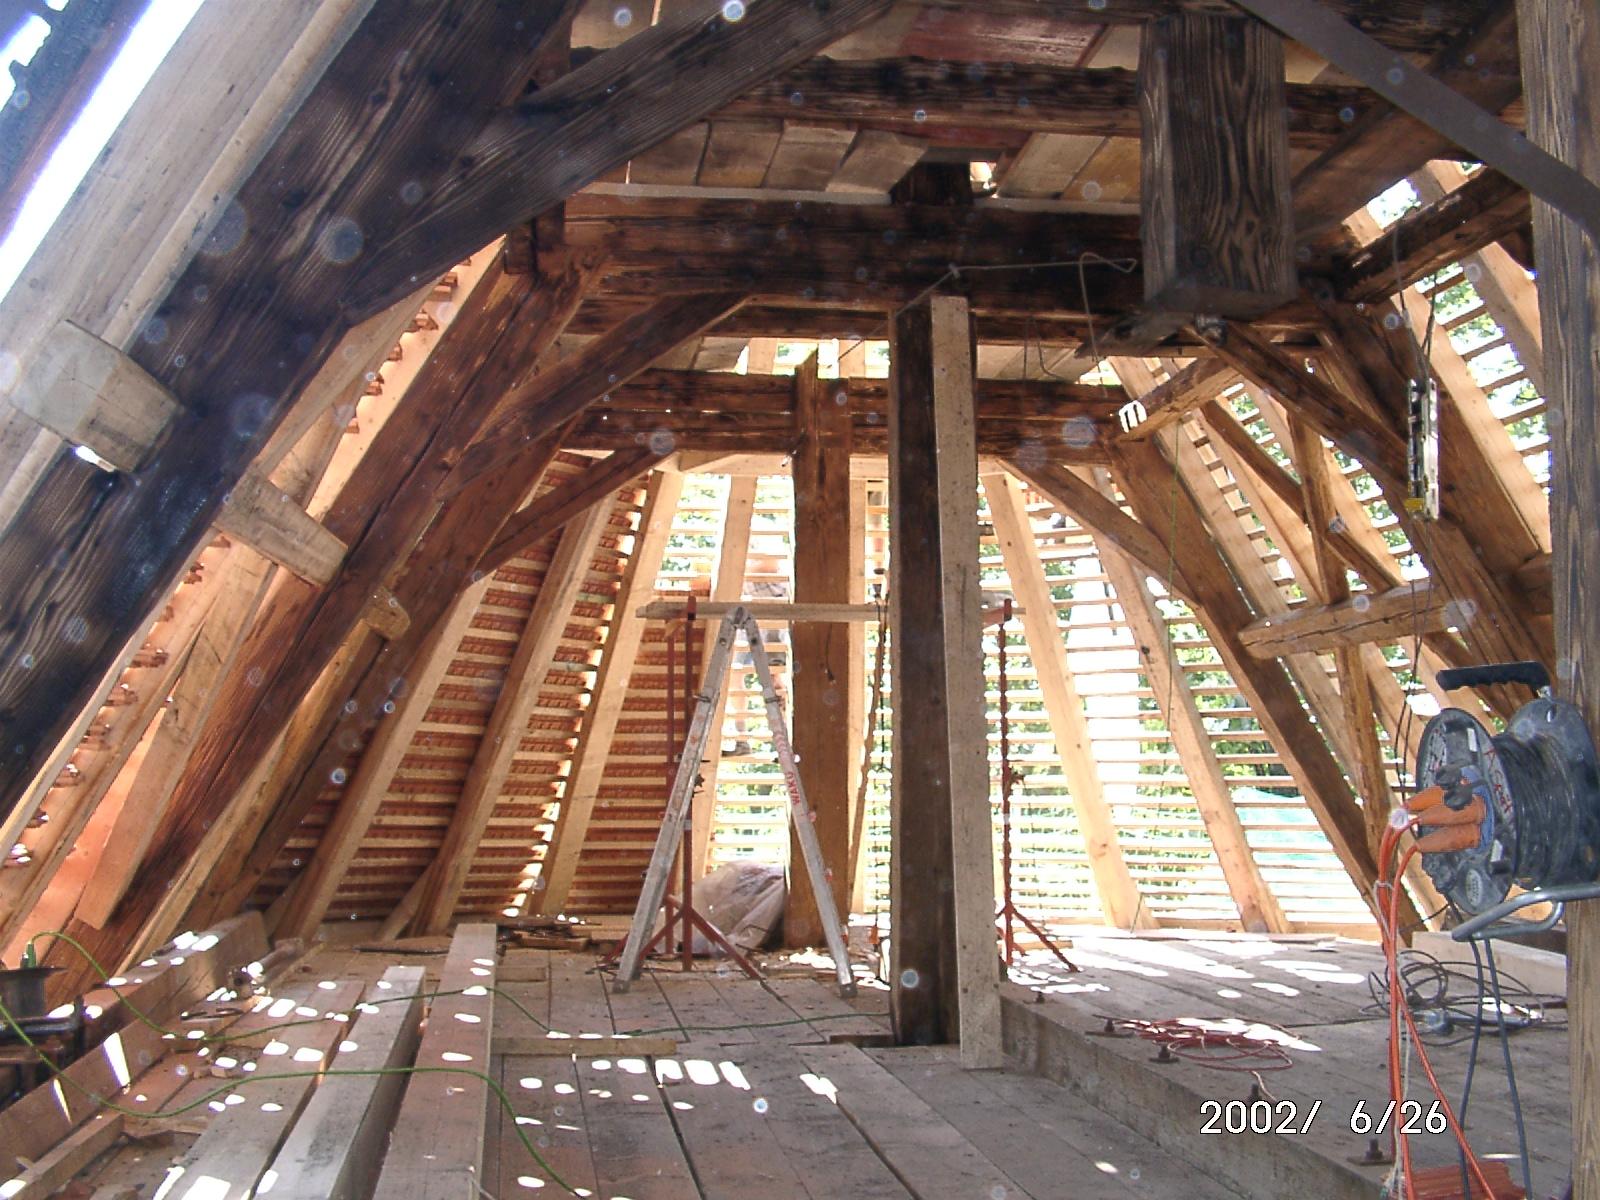 06260003 - Katholische Kirche Bad Krozingen